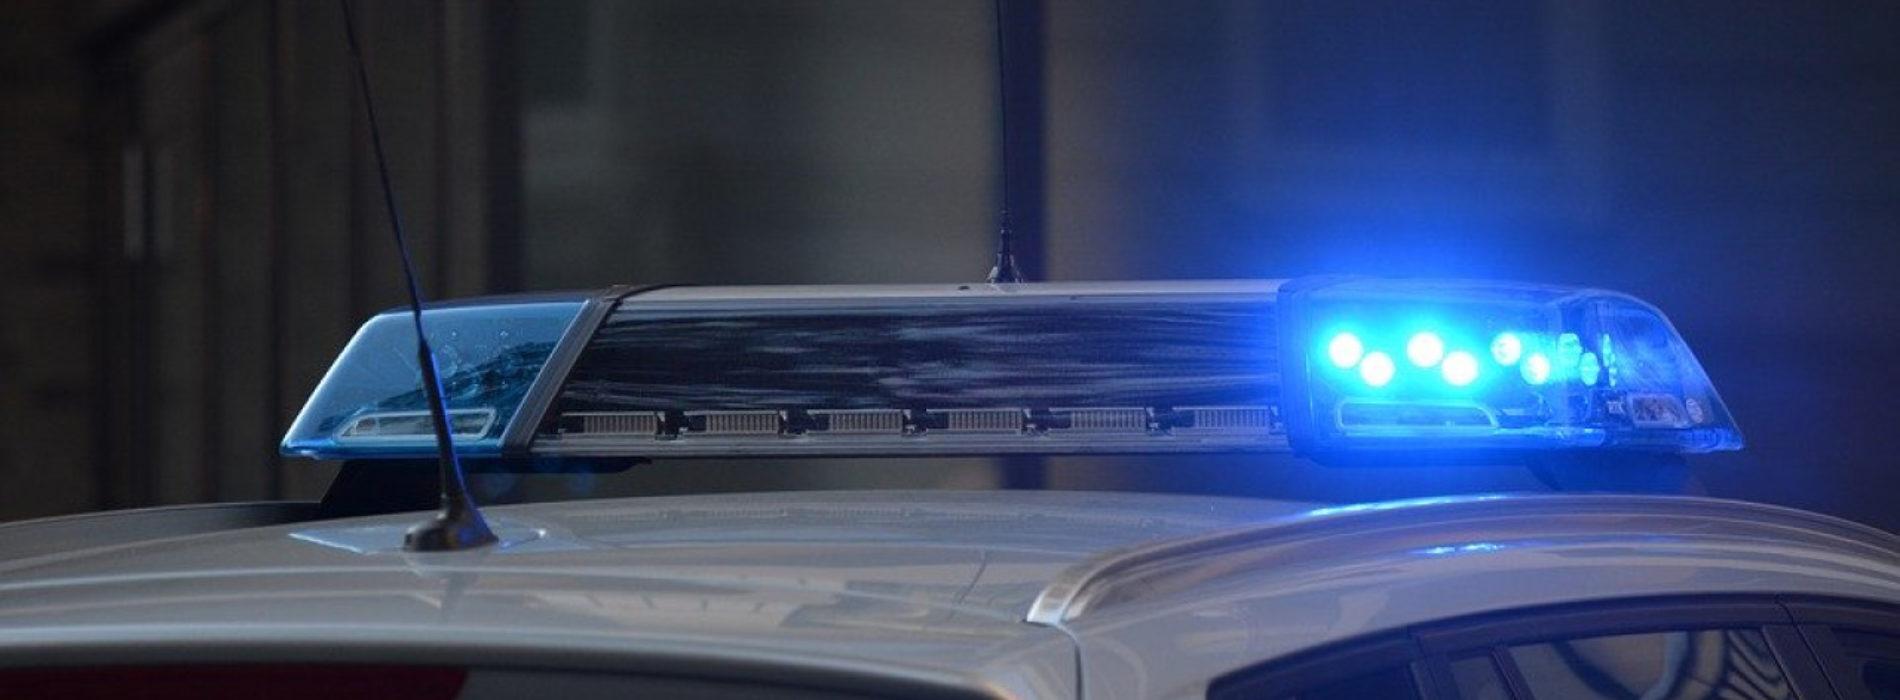 Конфликт полицейских и мужчины сняли на видео